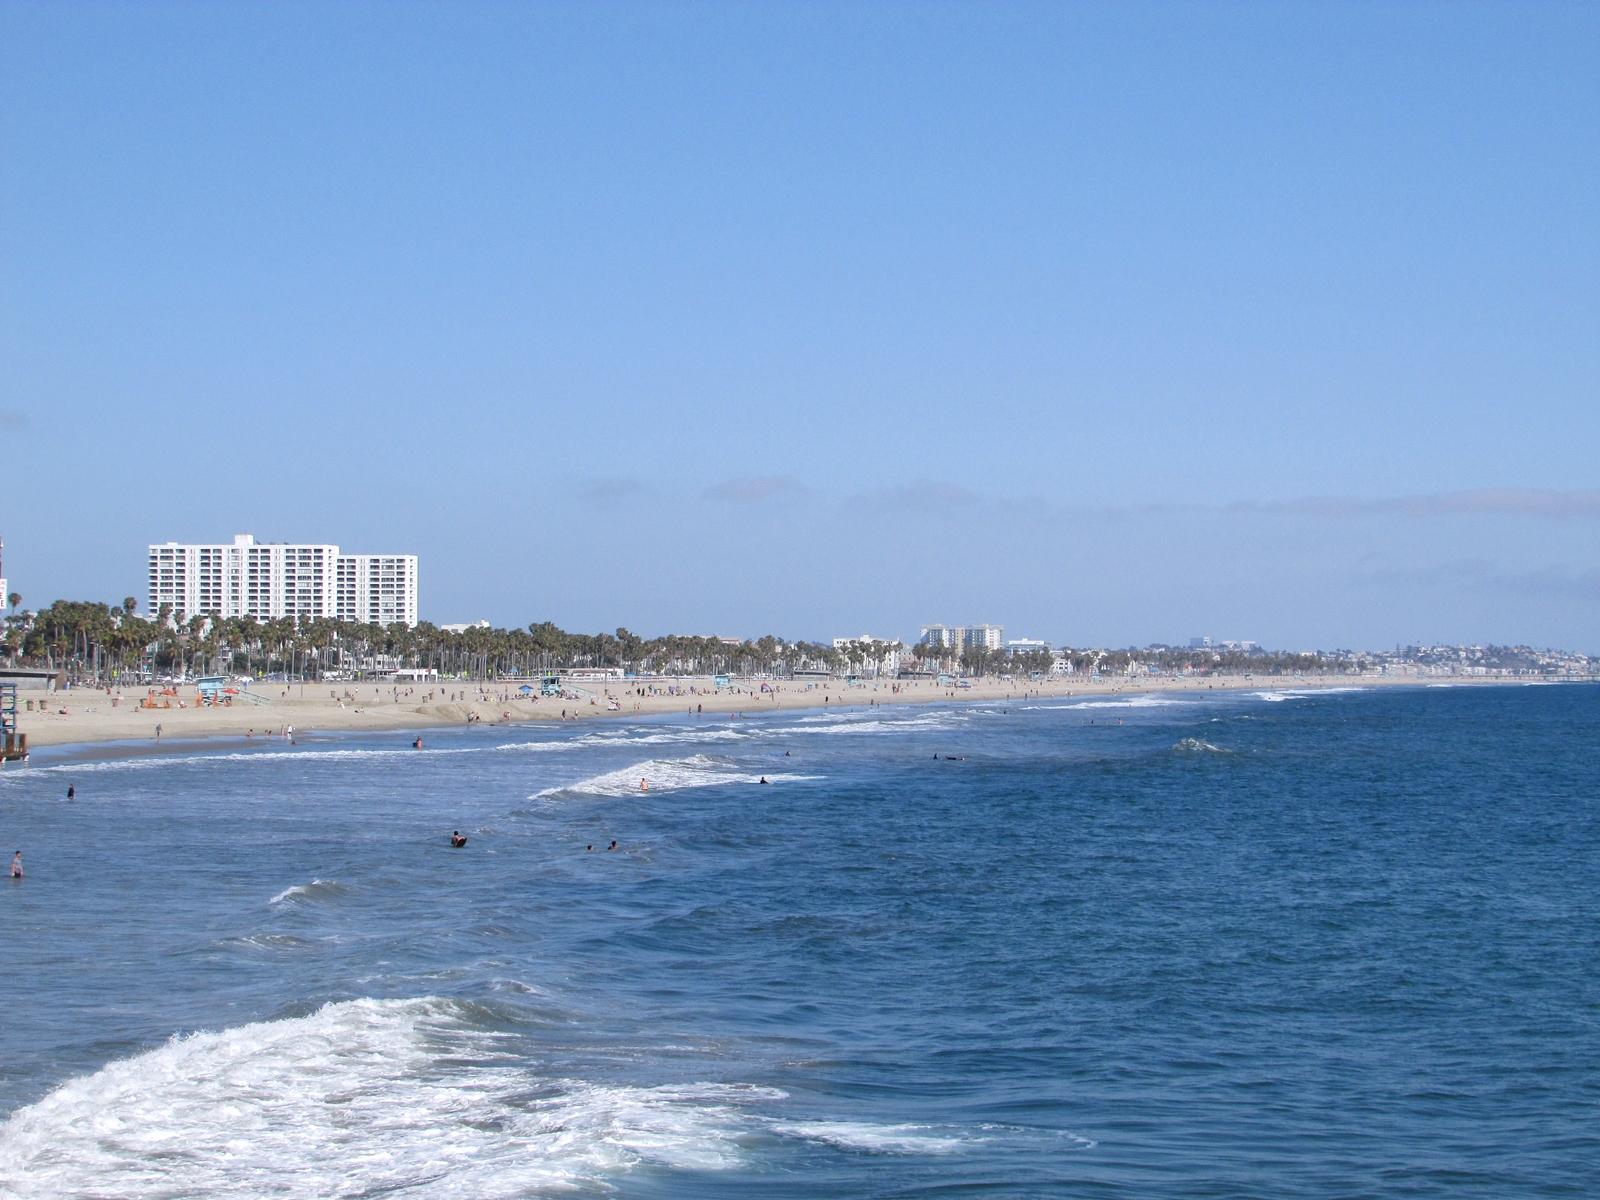 USA Rundreise - Amerika Westküste - Santa Monica - Strand - Fashionladyloves by Tamara Wagner